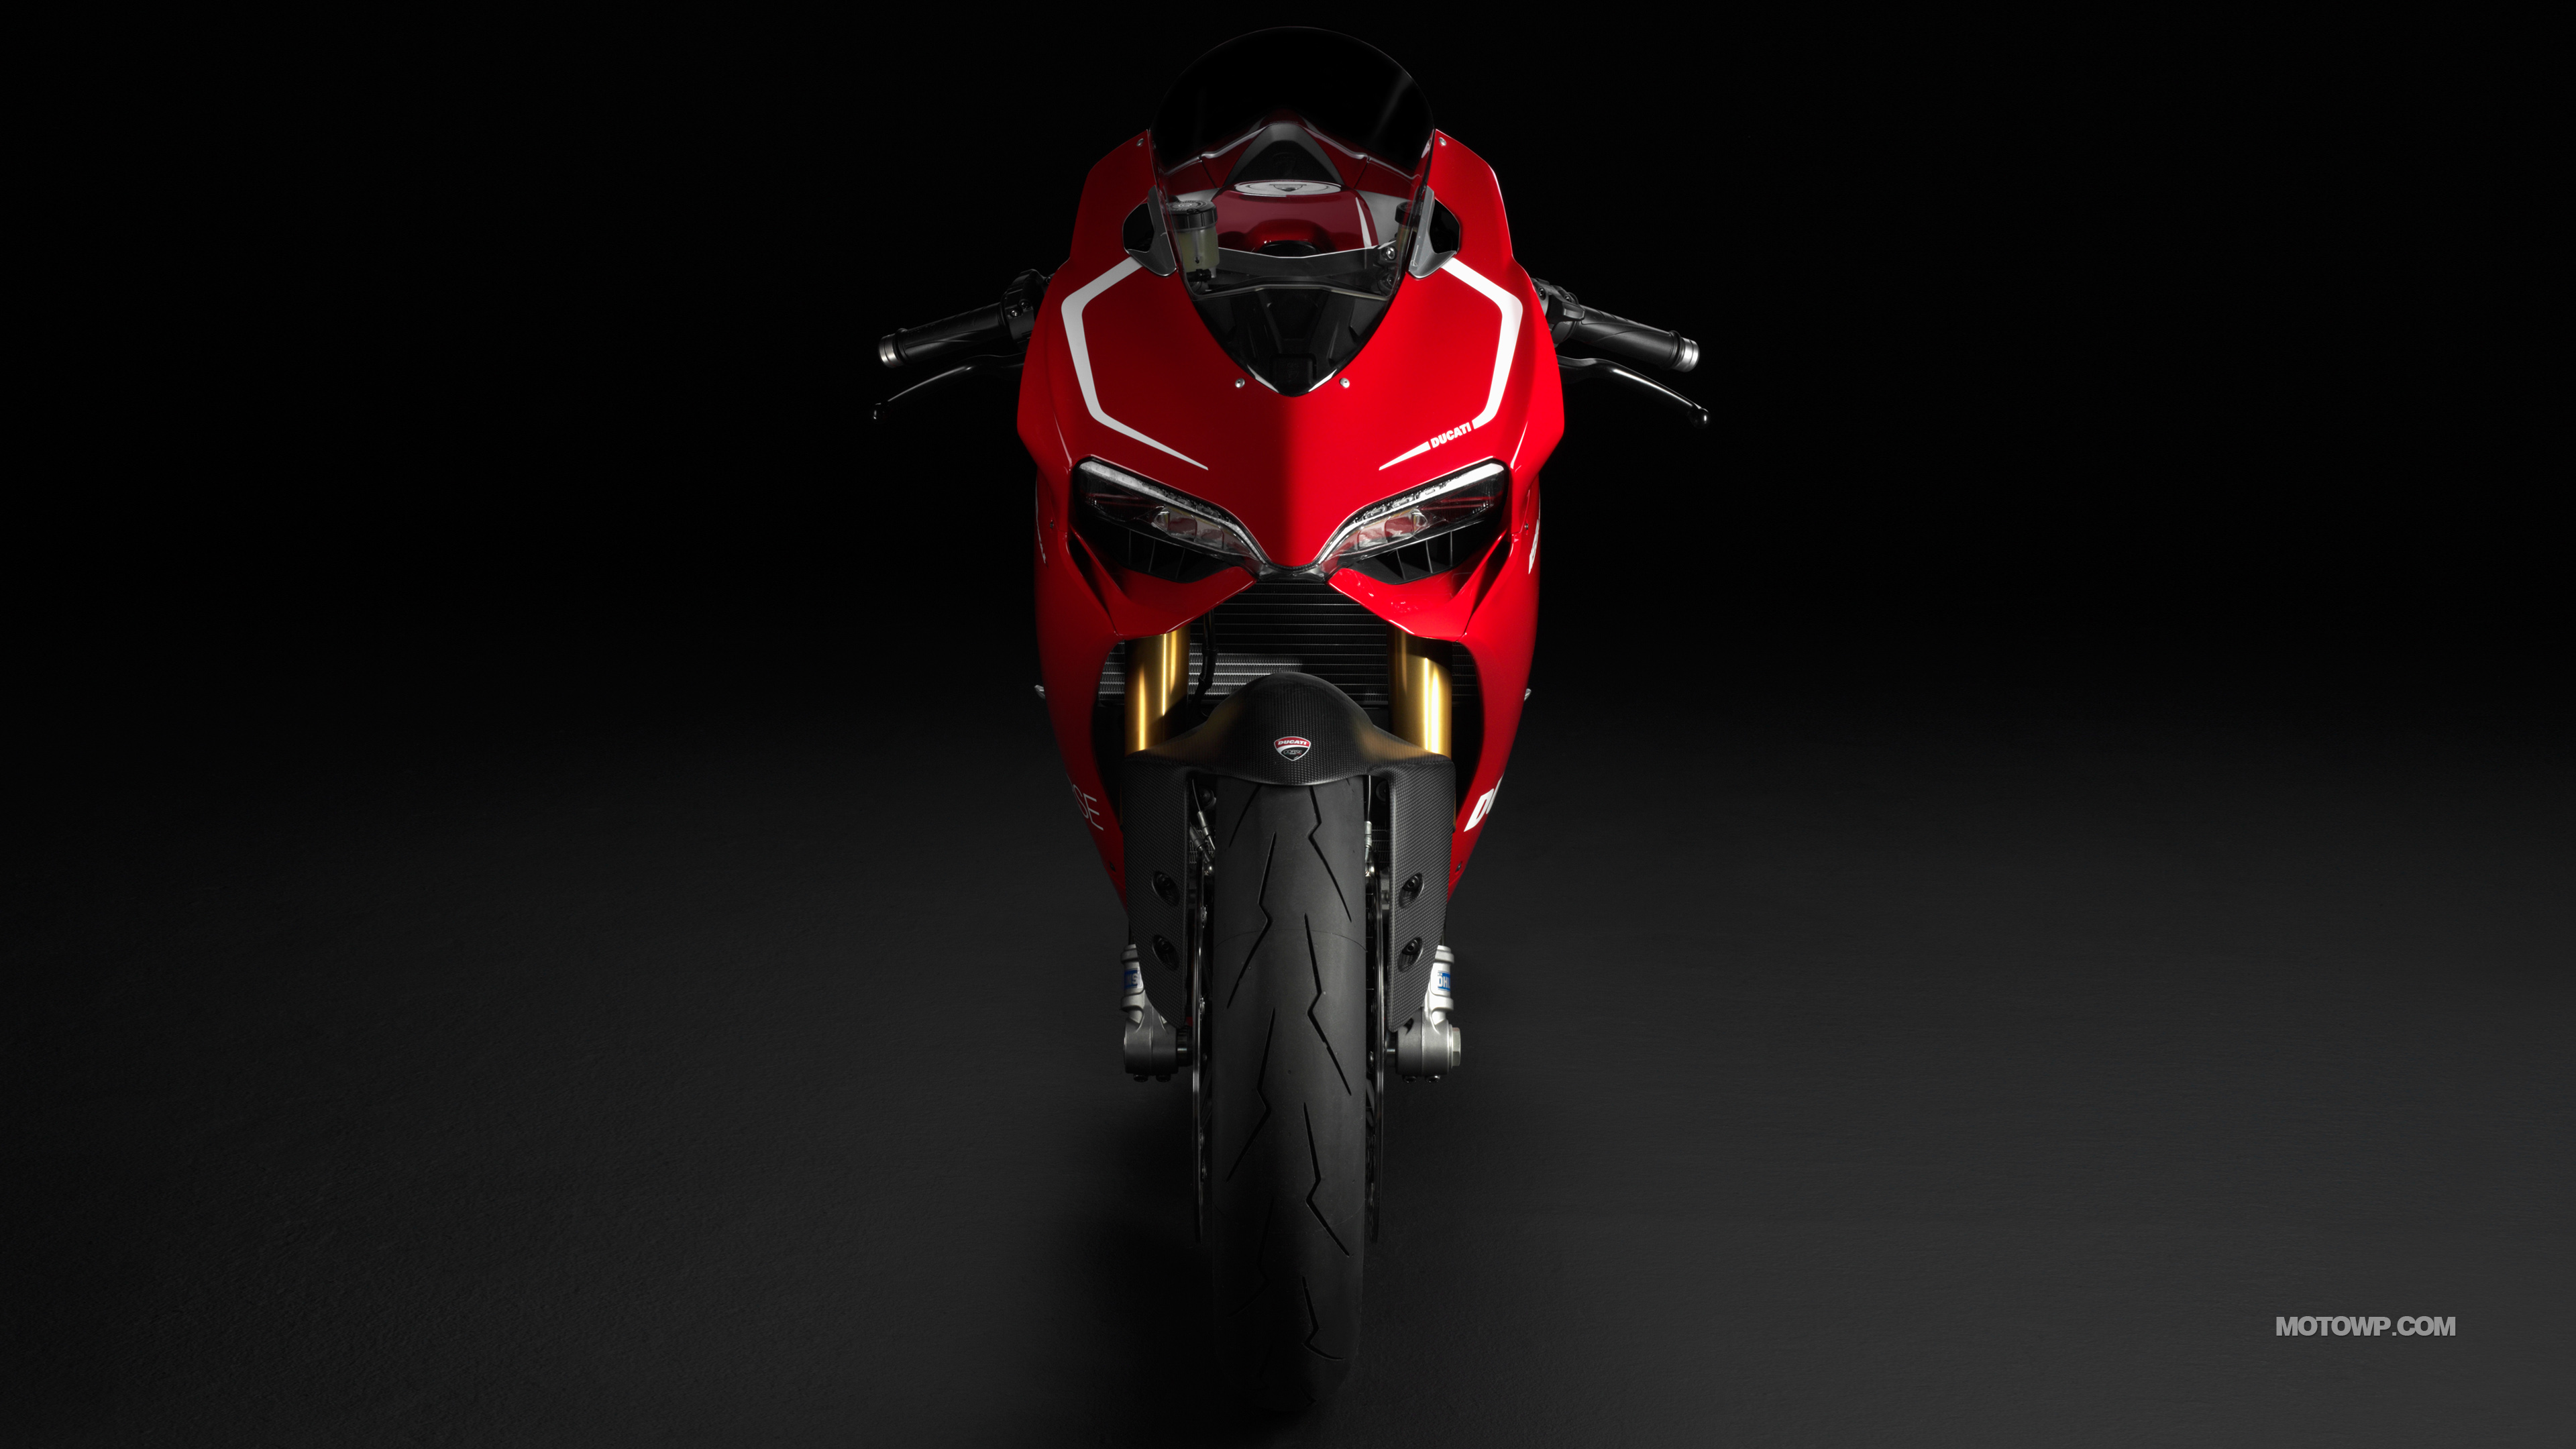 motorcycles desktop wallpapers ducati superbike 1199 panigale r - 2014